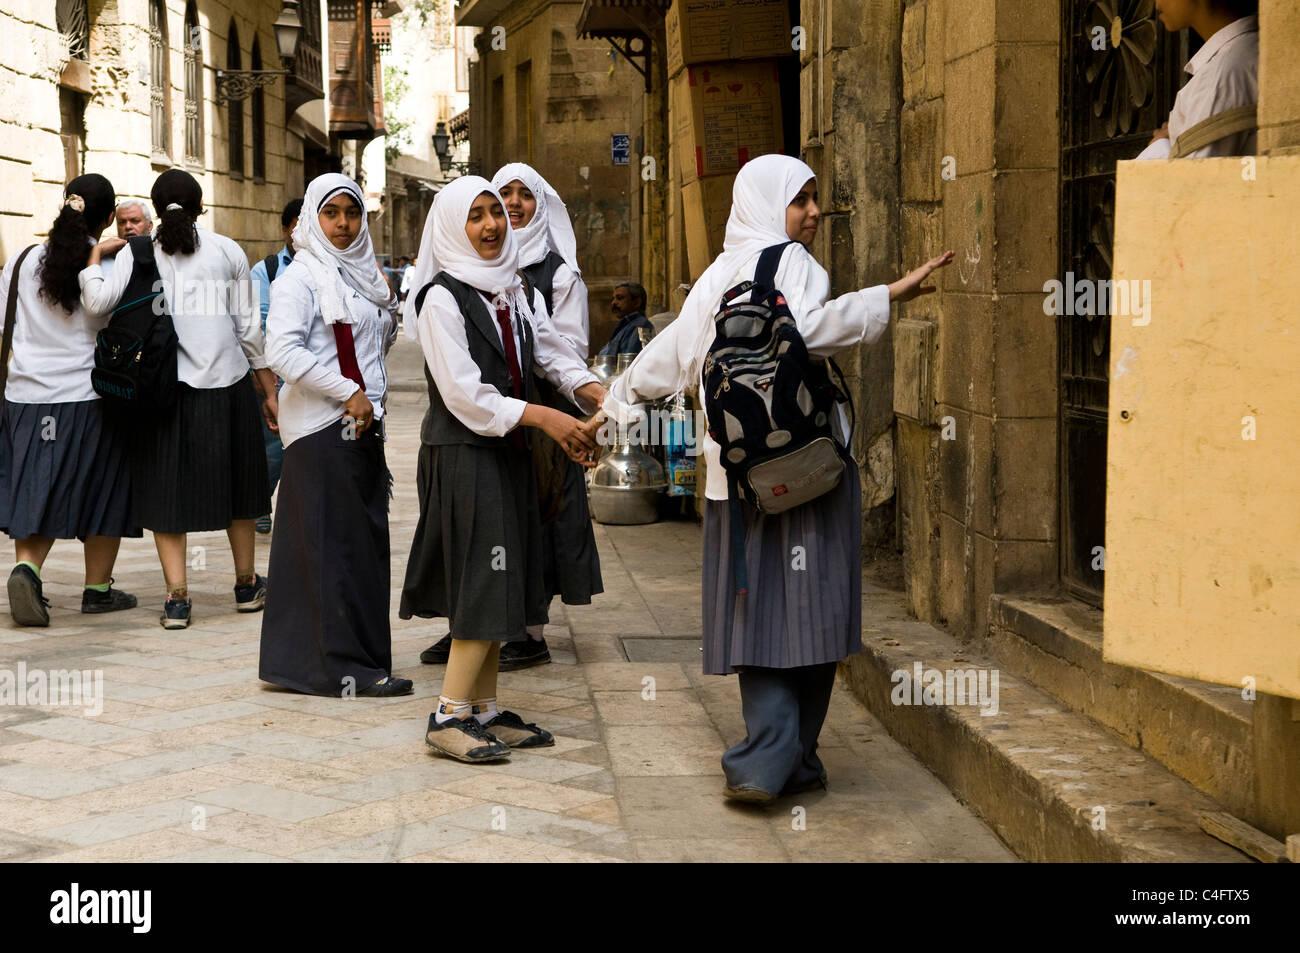 Egyptian school girls wearing school uniform in one of